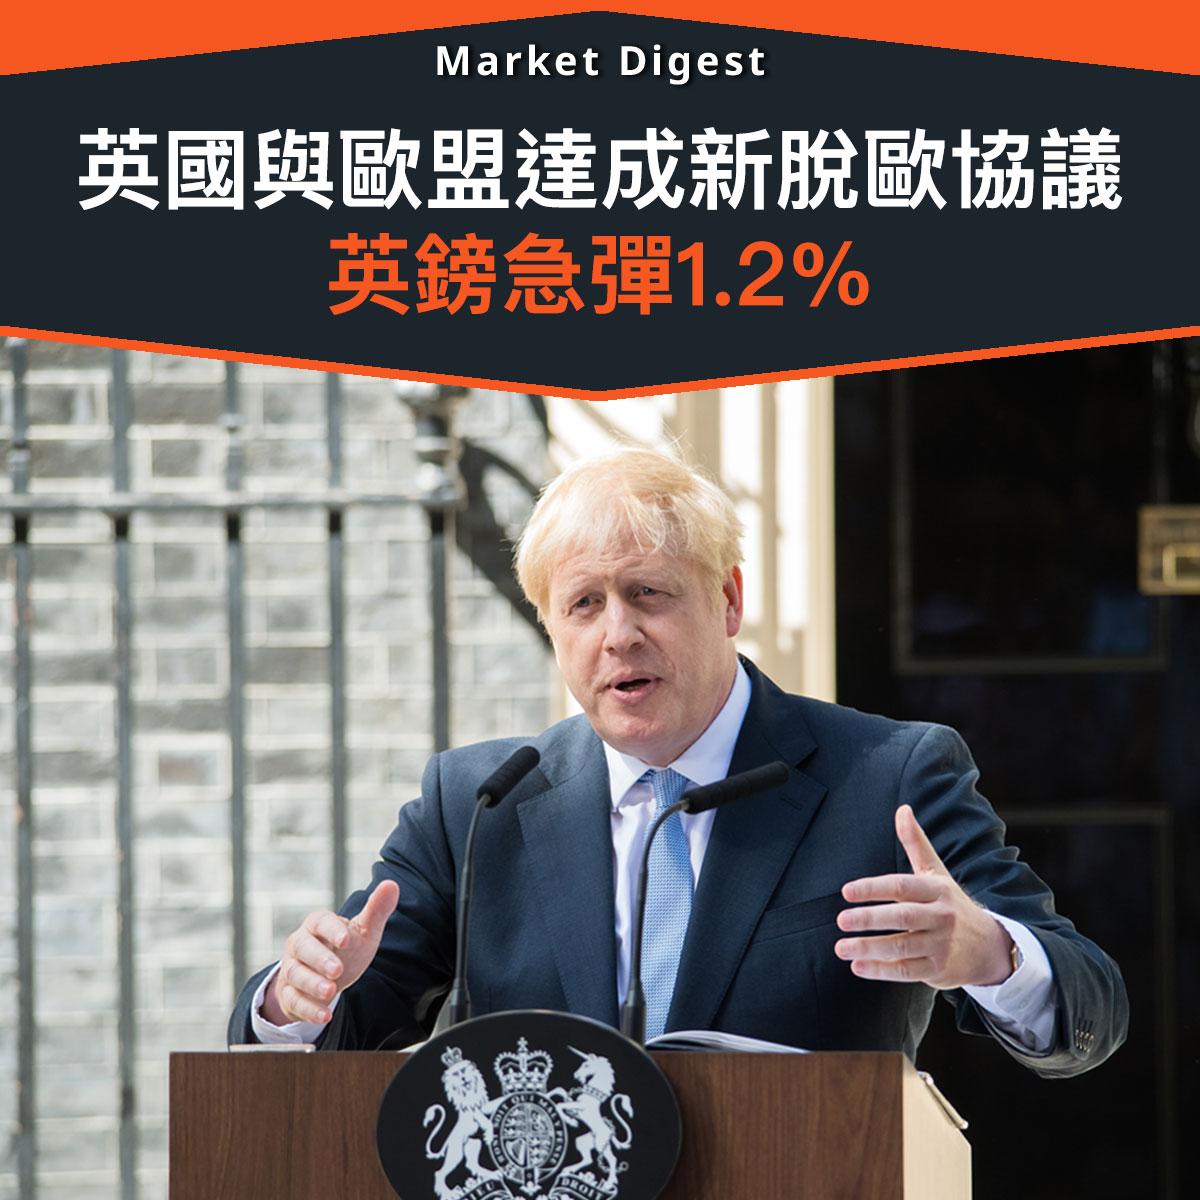 【市場熱話】英國與歐盟達成新脫歐協議 英鎊急彈1.2%